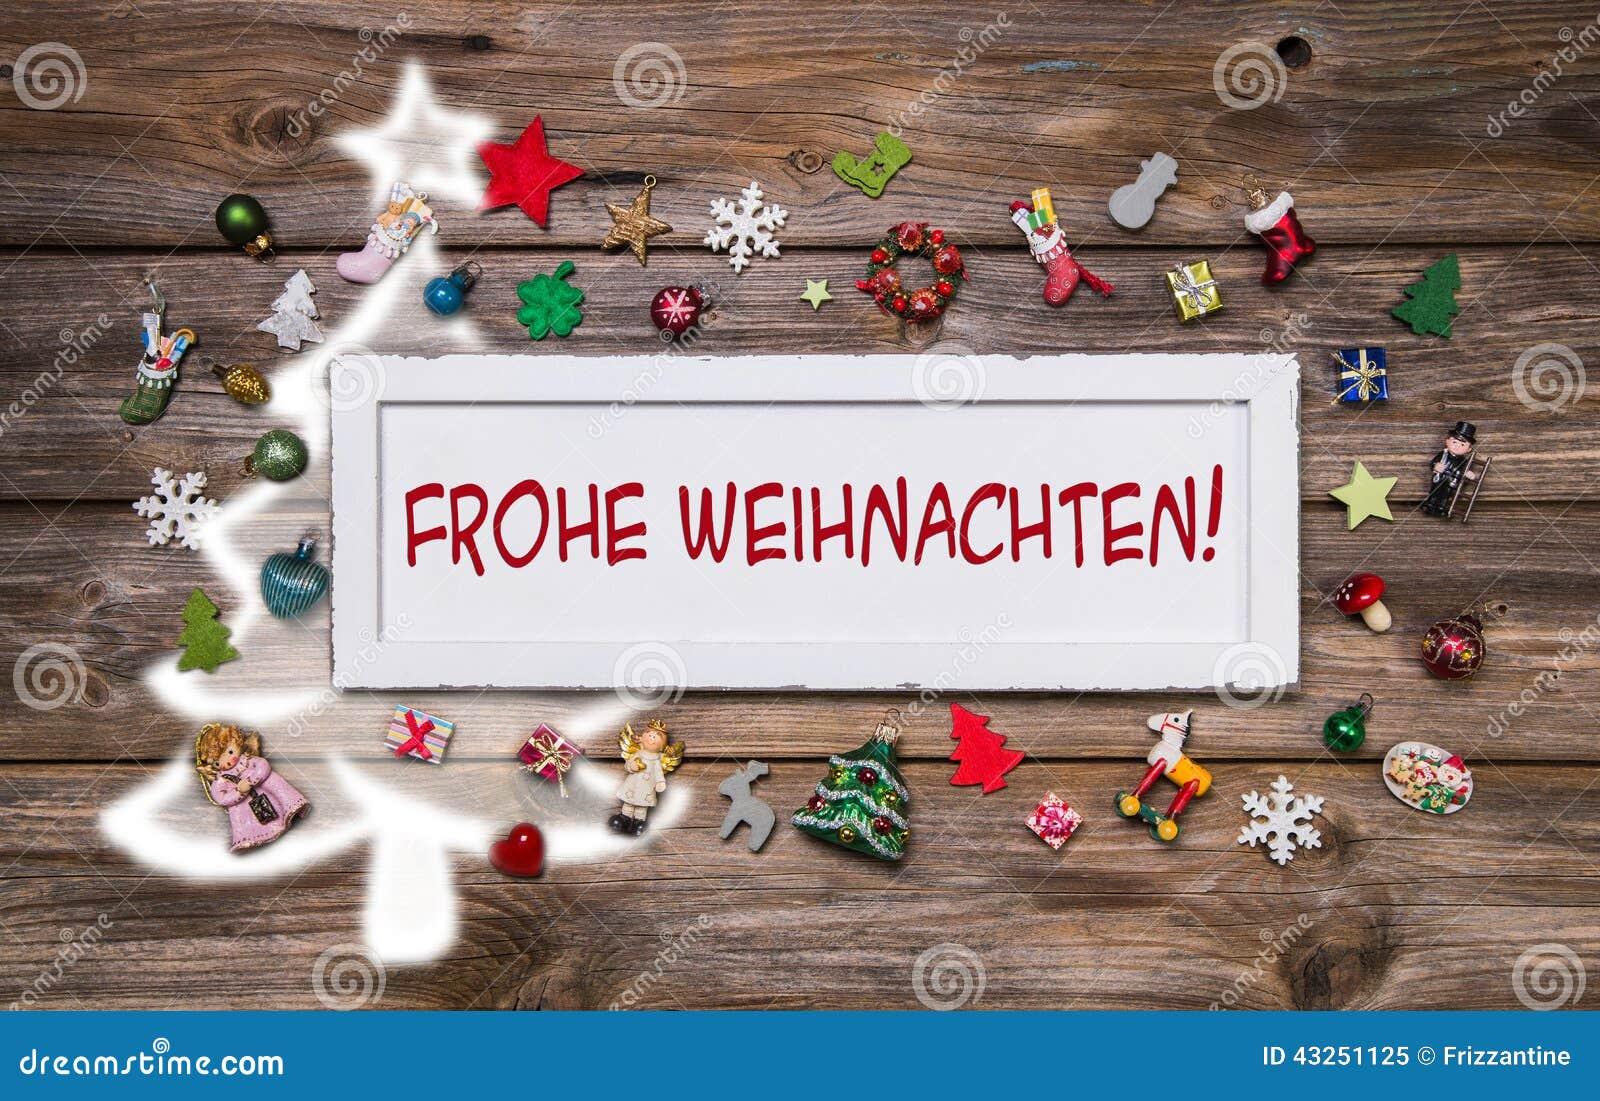 Auguri Buon Natale In Tedesco.Cartolina D Auguri Per Natale Con Testo Tedesco Per Il Buon Natale Immagine Stock Immagine Di Saluto Brown 43251125